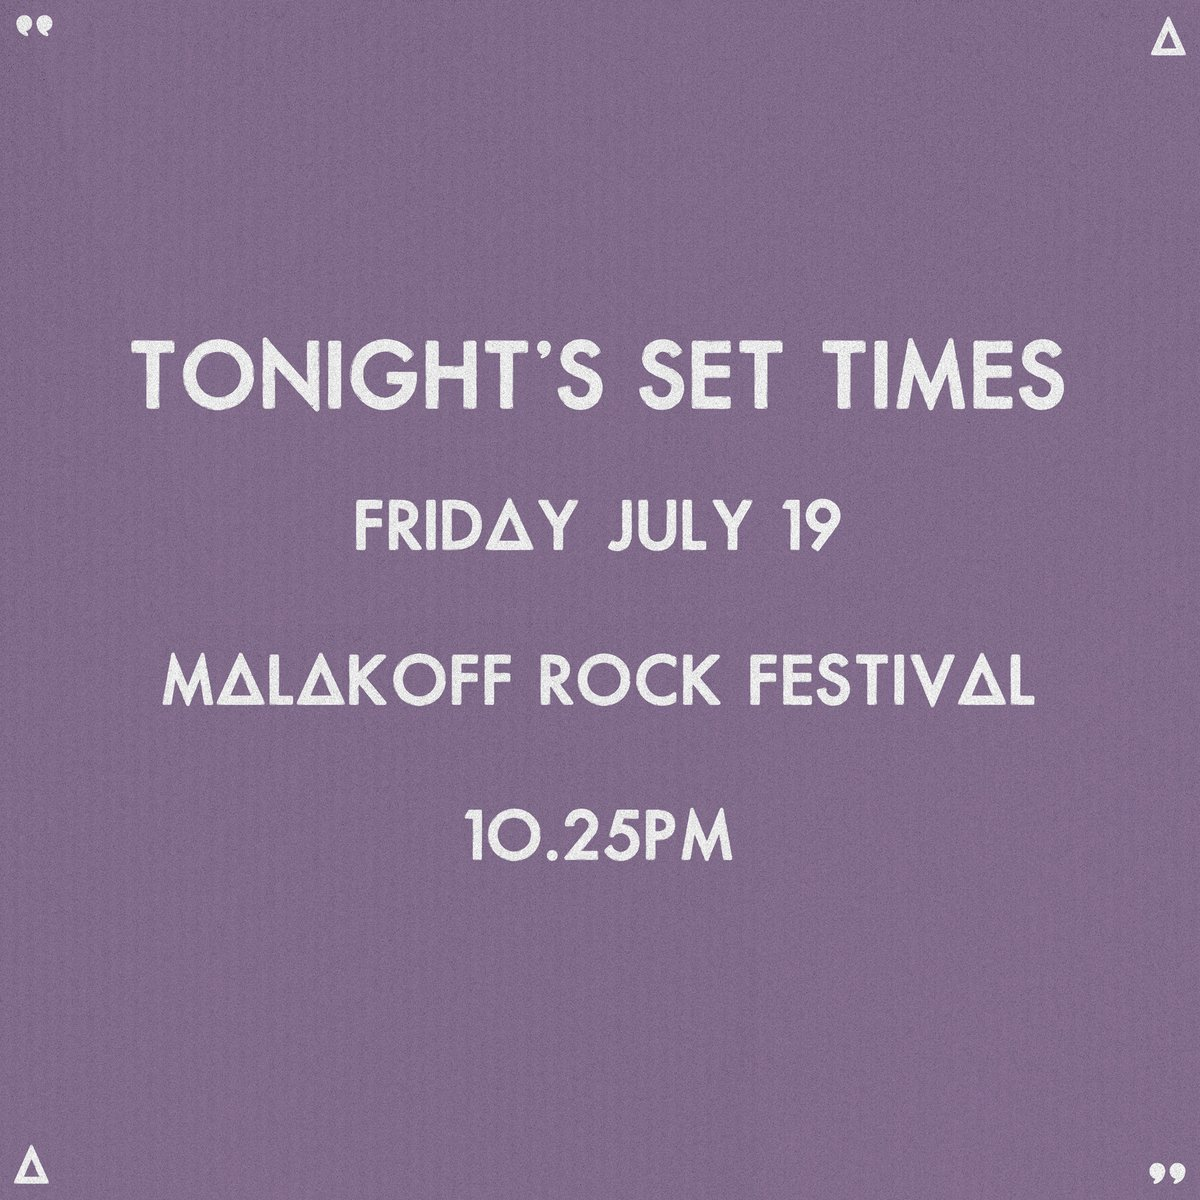 TONIGHT // 10.25PM @malakoff